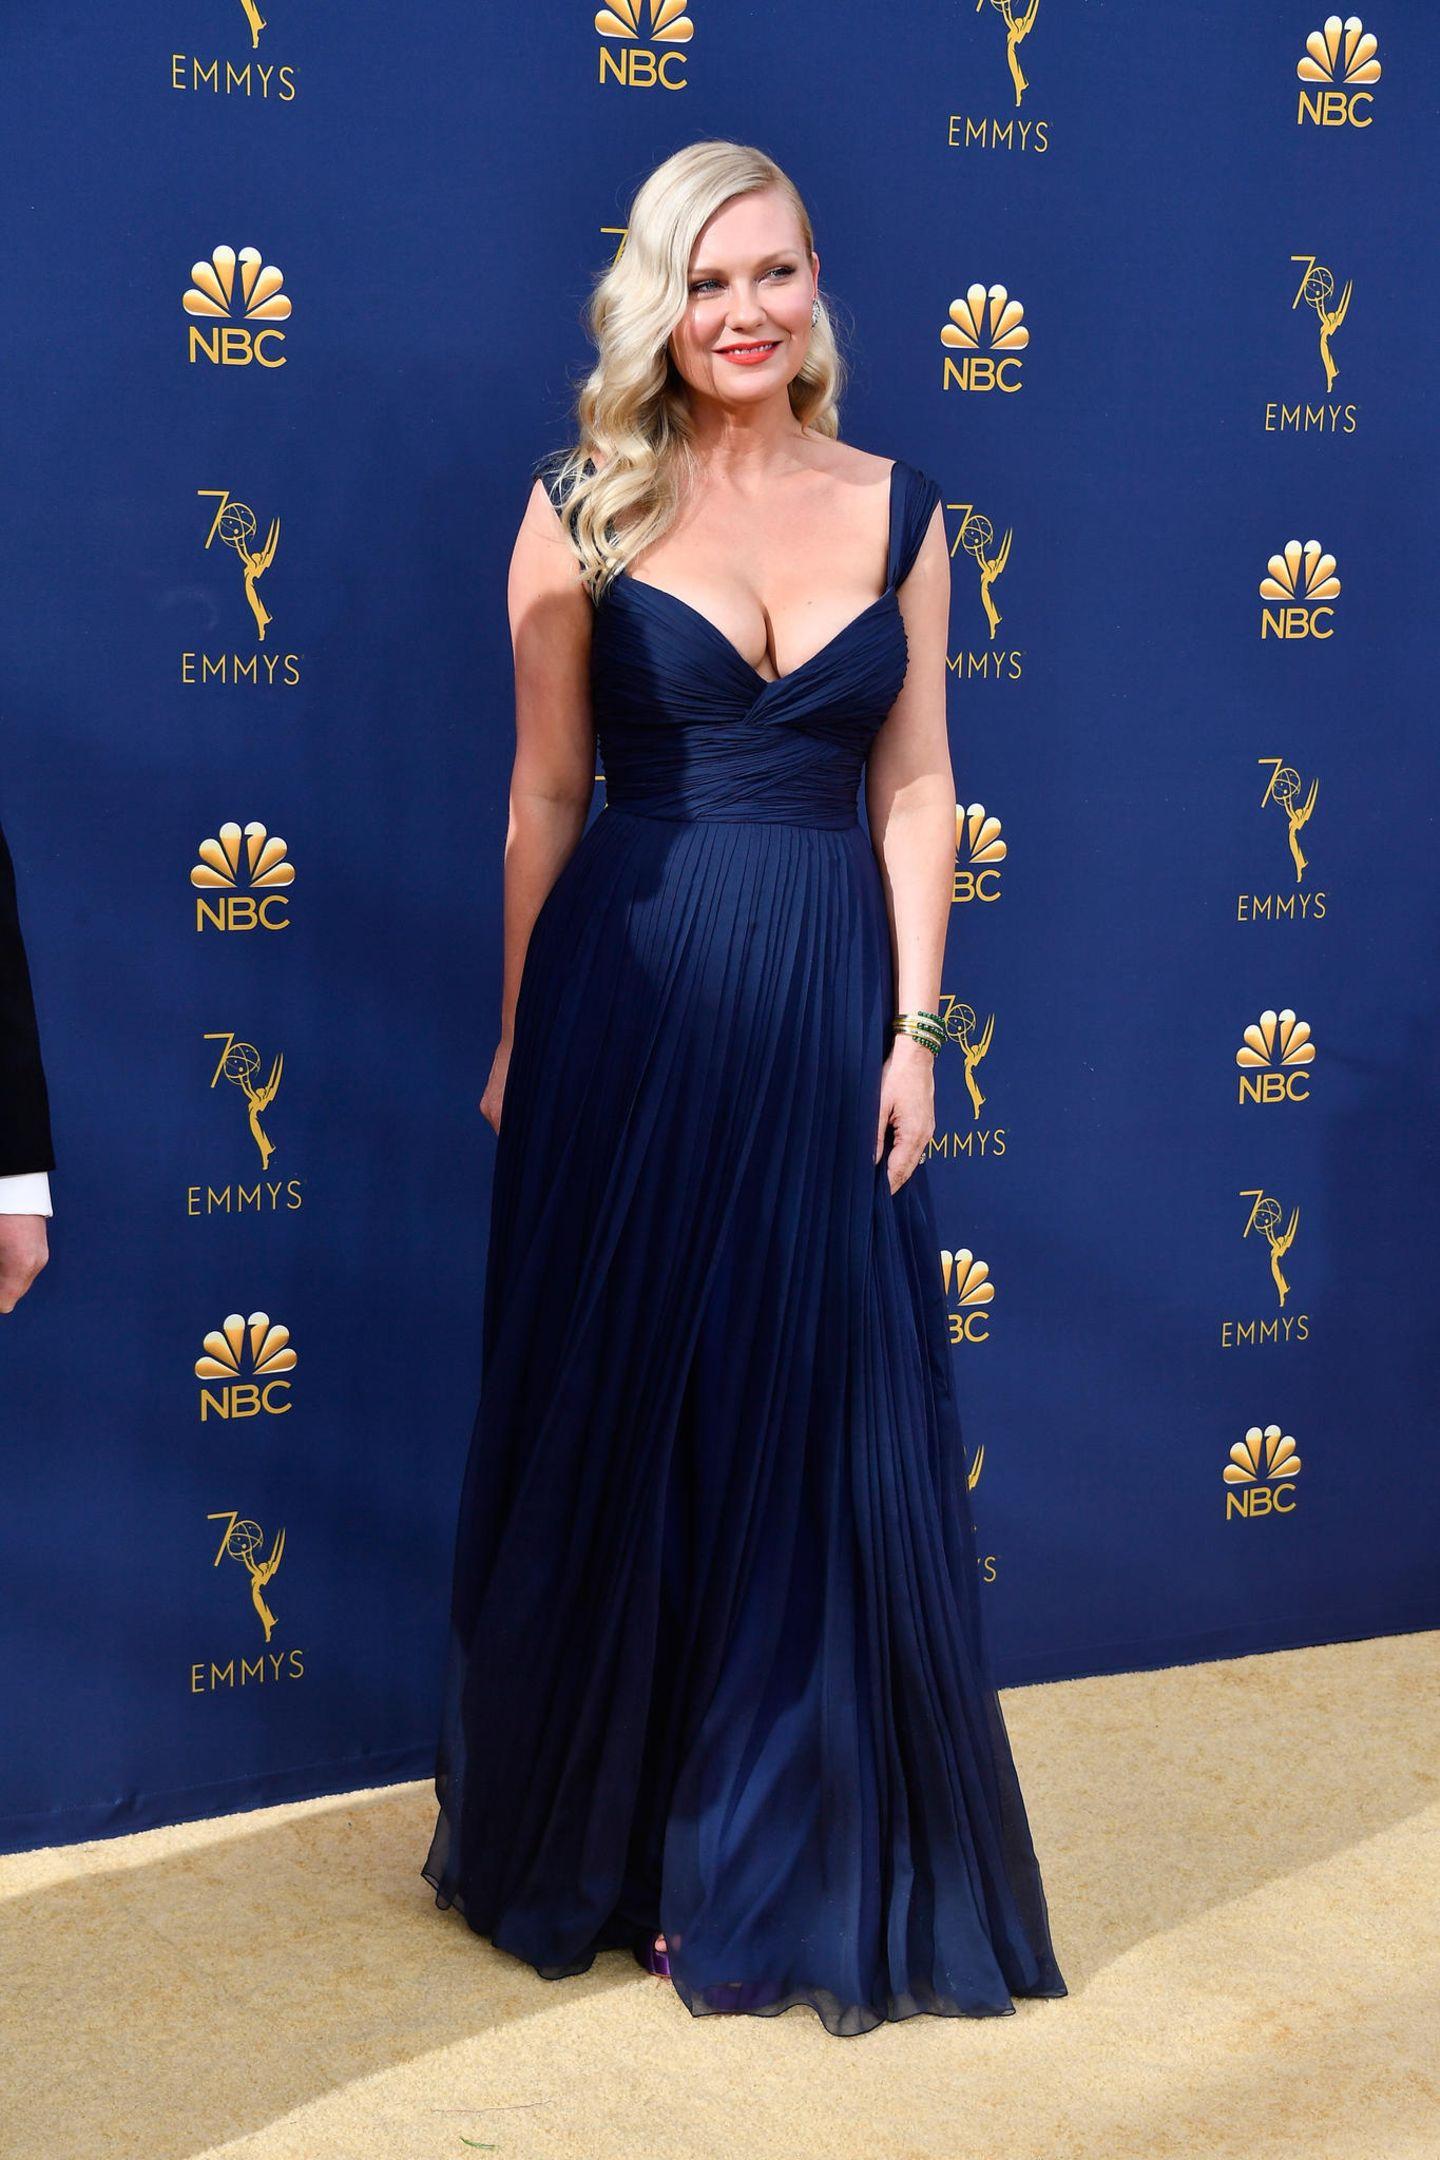 Bei ihrem Auftritt auf den 70. EmmyAwards sehen wir nichts von überflüssigen After-Baby-Pfunden.Nur vier Monate nach der Geburt von SohnEnnis Howard Plemons strahltKirsten in diesem royal-blauen, bodenlangen Kleid mit fließendem Schnitt. Das Kleid stammt aus der Feder des Pariser Modelabels Schiaparelli.